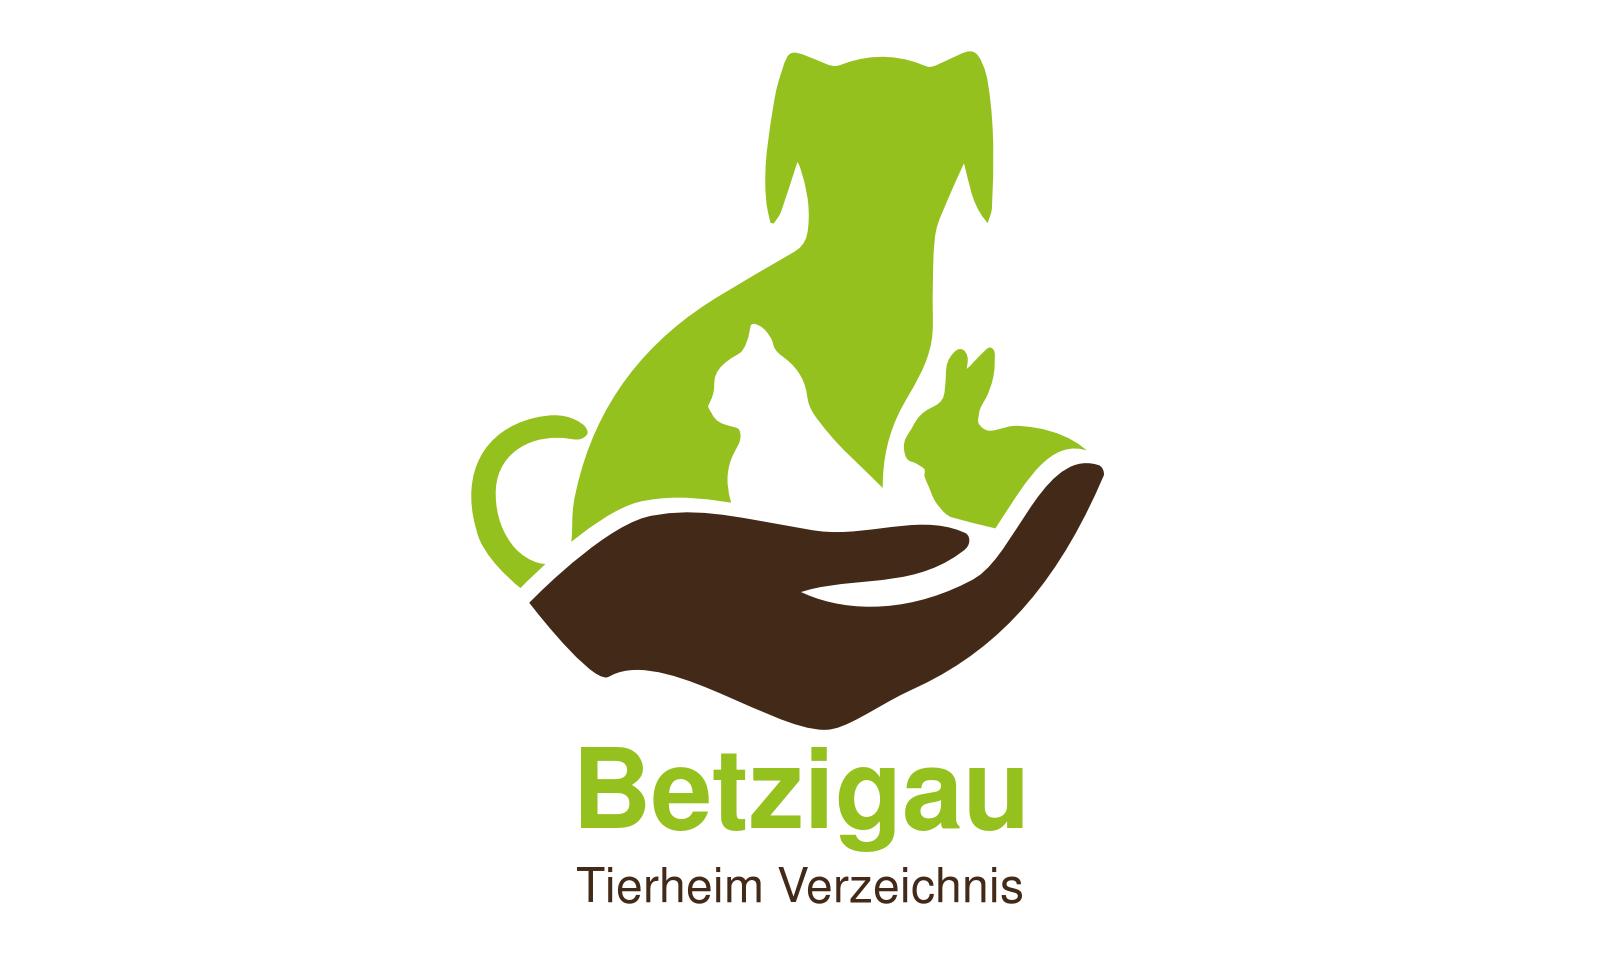 Tierheim Betzigau